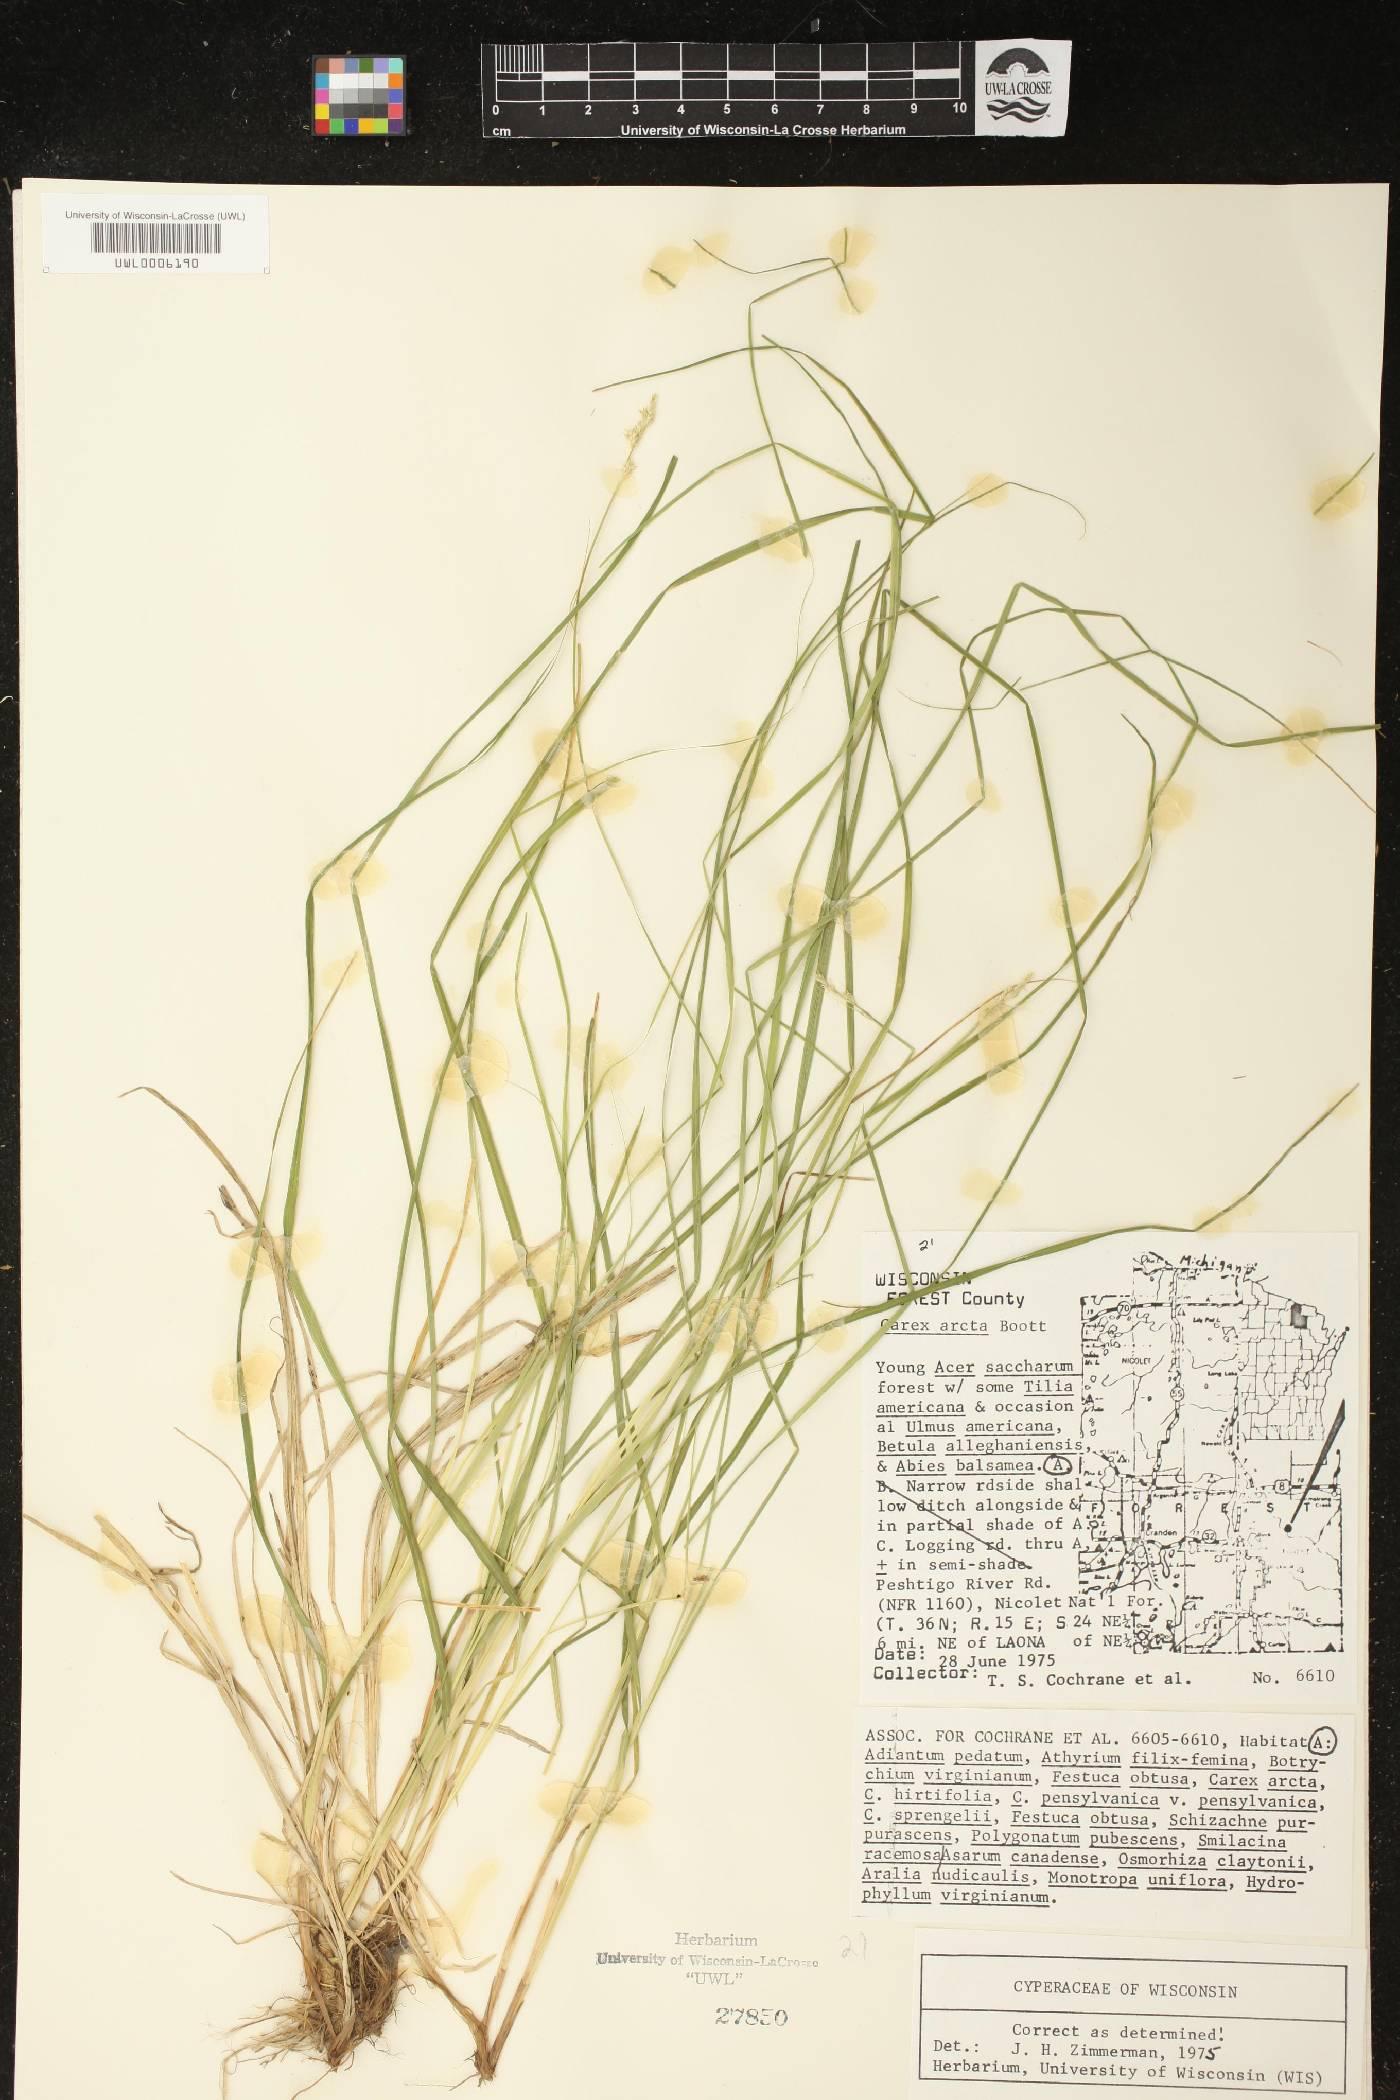 Carex arcta image